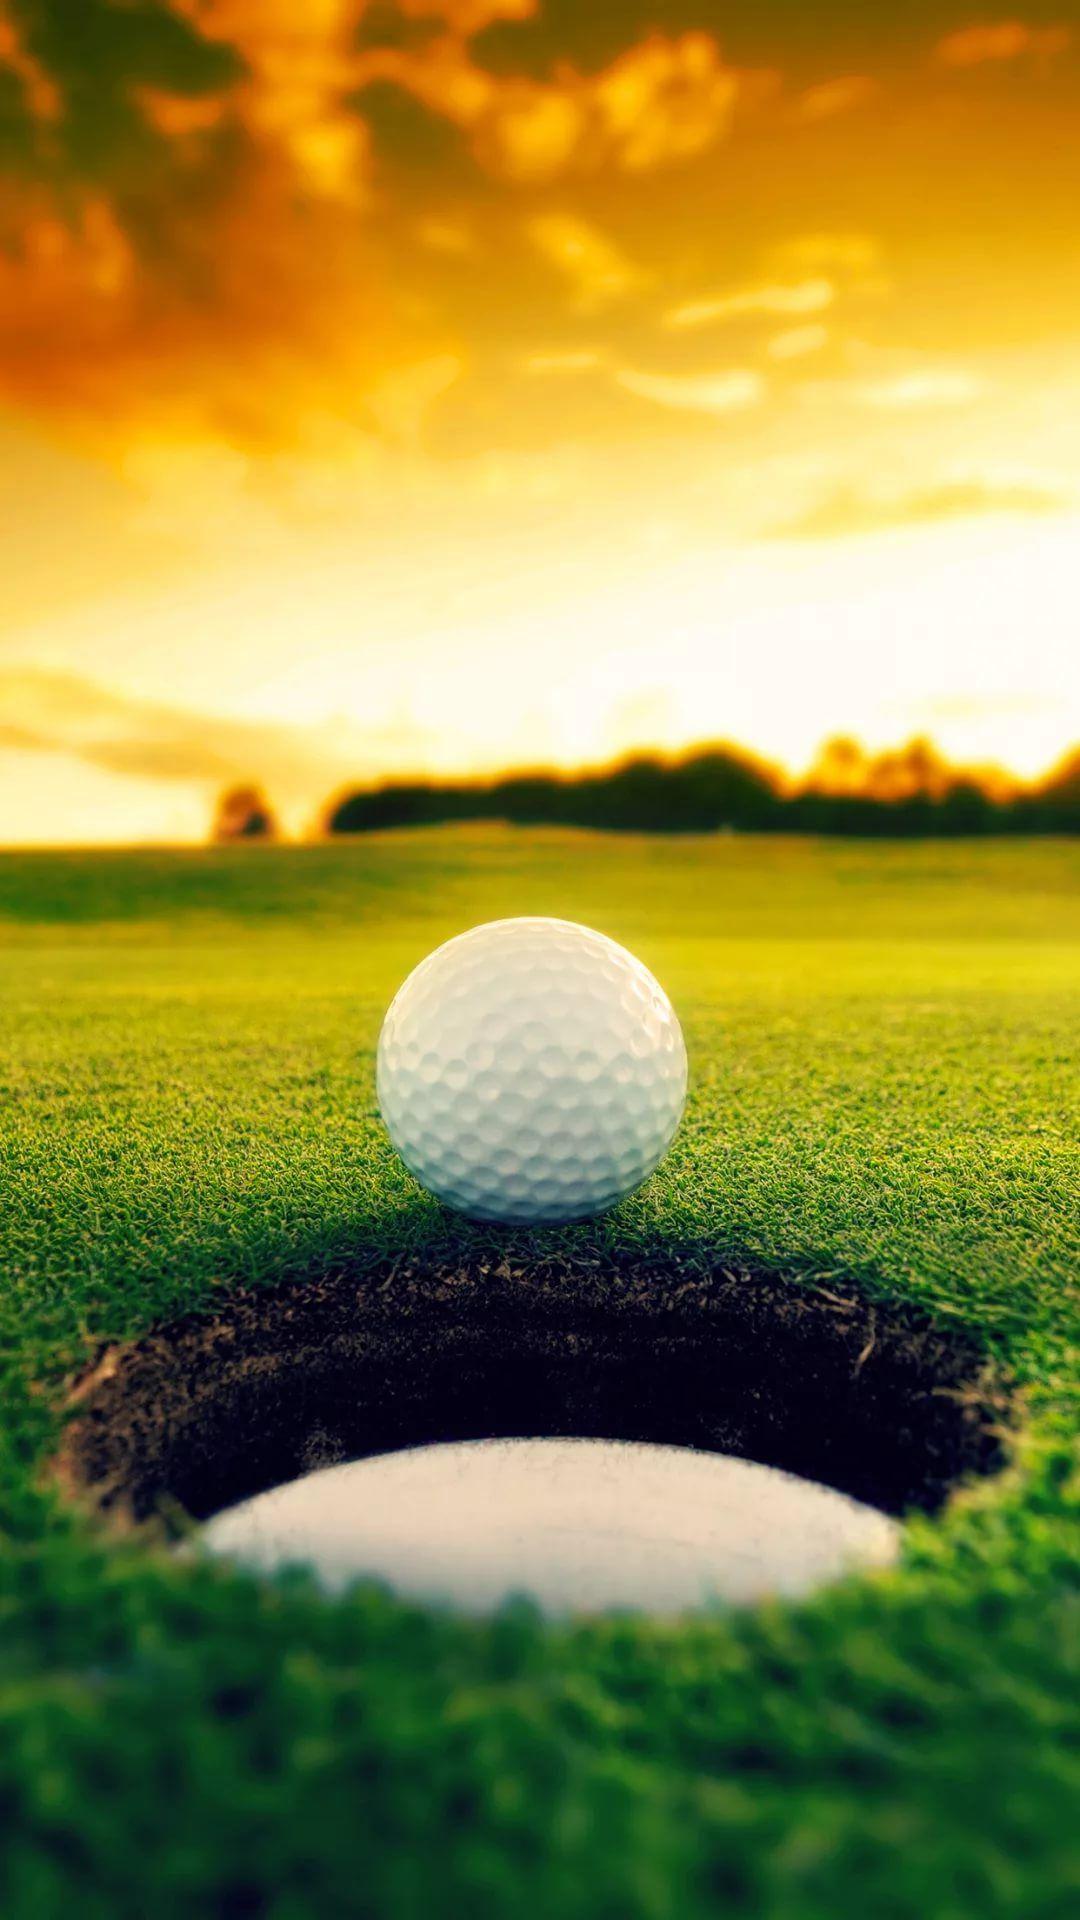 Golf phone wallpaper